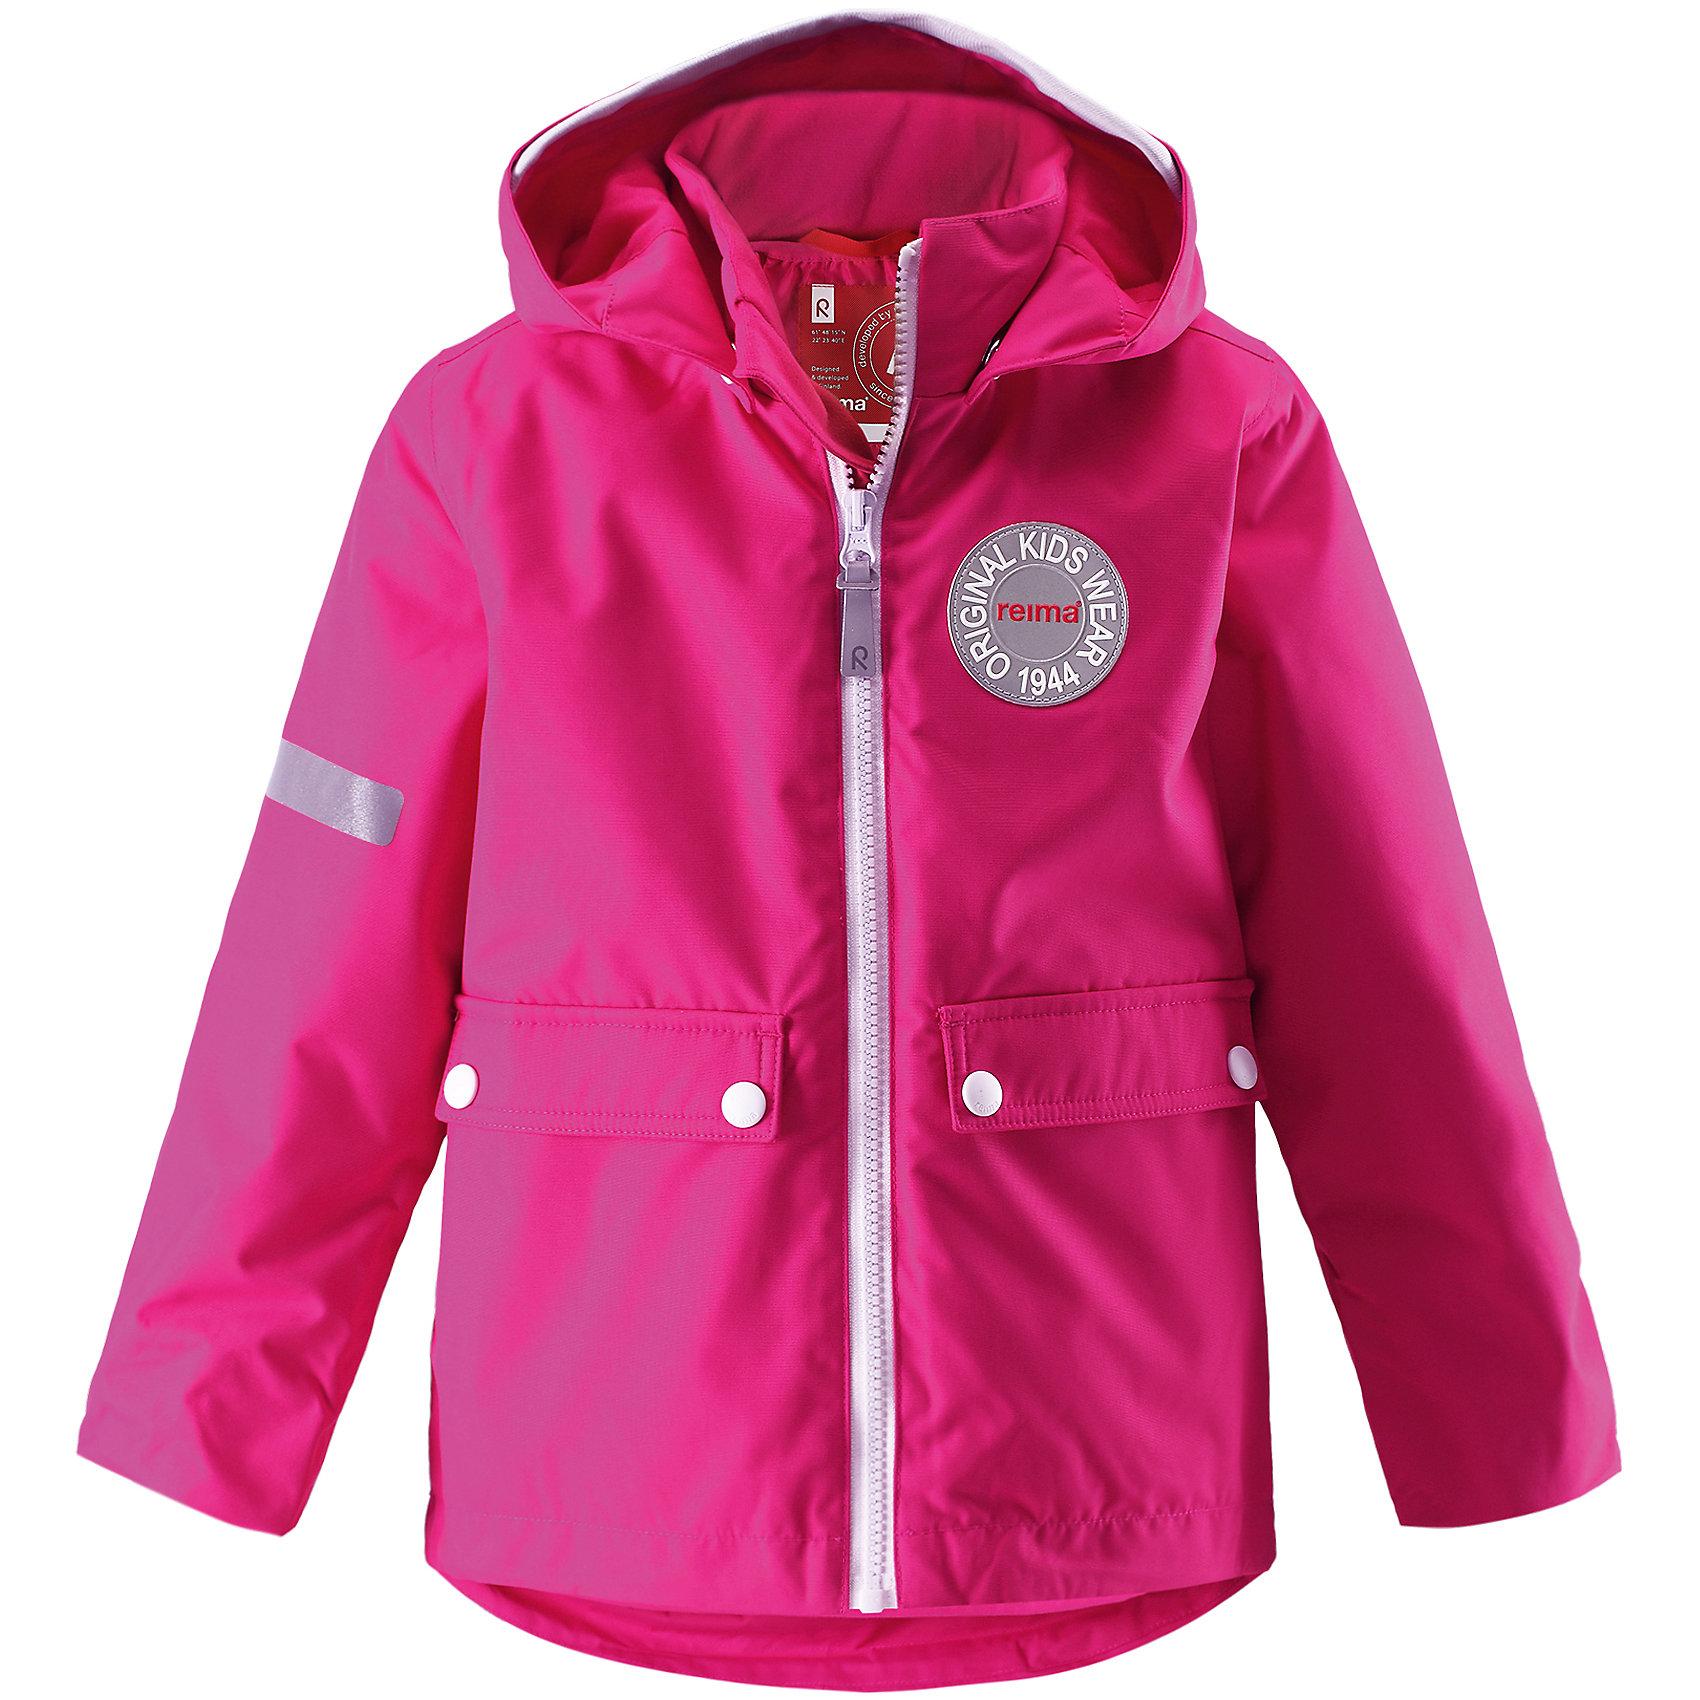 Куртка Taag для девочки ReimaКуртка  Reima<br>Зимняя куртка для детей. Основные швы проклеены и не пропускают влагу. Водо- и ветронепроницаемый, «дышащий» и грязеотталкивающий материал. Съемная стеганная подкладка. Безопасный, съемный капюшон. Мягкая резинка на кромке капюшона и манжетах. Регулируемый подол. Два кармана с клапанами.<br>Утеплитель: Reima® Soft Loft insulation,160 g<br>Уход:<br>Стирать по отдельности, вывернув наизнанку. Застегнуть молнии и липучки. Стирать моющим средством, не содержащим отбеливающие вещества. Полоскать без специального средства. Во избежание изменения цвета изделие необходимо вынуть из стиральной машинки незамедлительно после окончания программы стирки. Сушить при низкой температуре. <br>Состав:<br>100% Полиамид, полиуретановое покрытие<br><br>Ширина мм: 356<br>Глубина мм: 10<br>Высота мм: 245<br>Вес г: 519<br>Цвет: розовый<br>Возраст от месяцев: 24<br>Возраст до месяцев: 36<br>Пол: Женский<br>Возраст: Детский<br>Размер: 116,122,98,140,110,104,134,92,128<br>SKU: 4777916